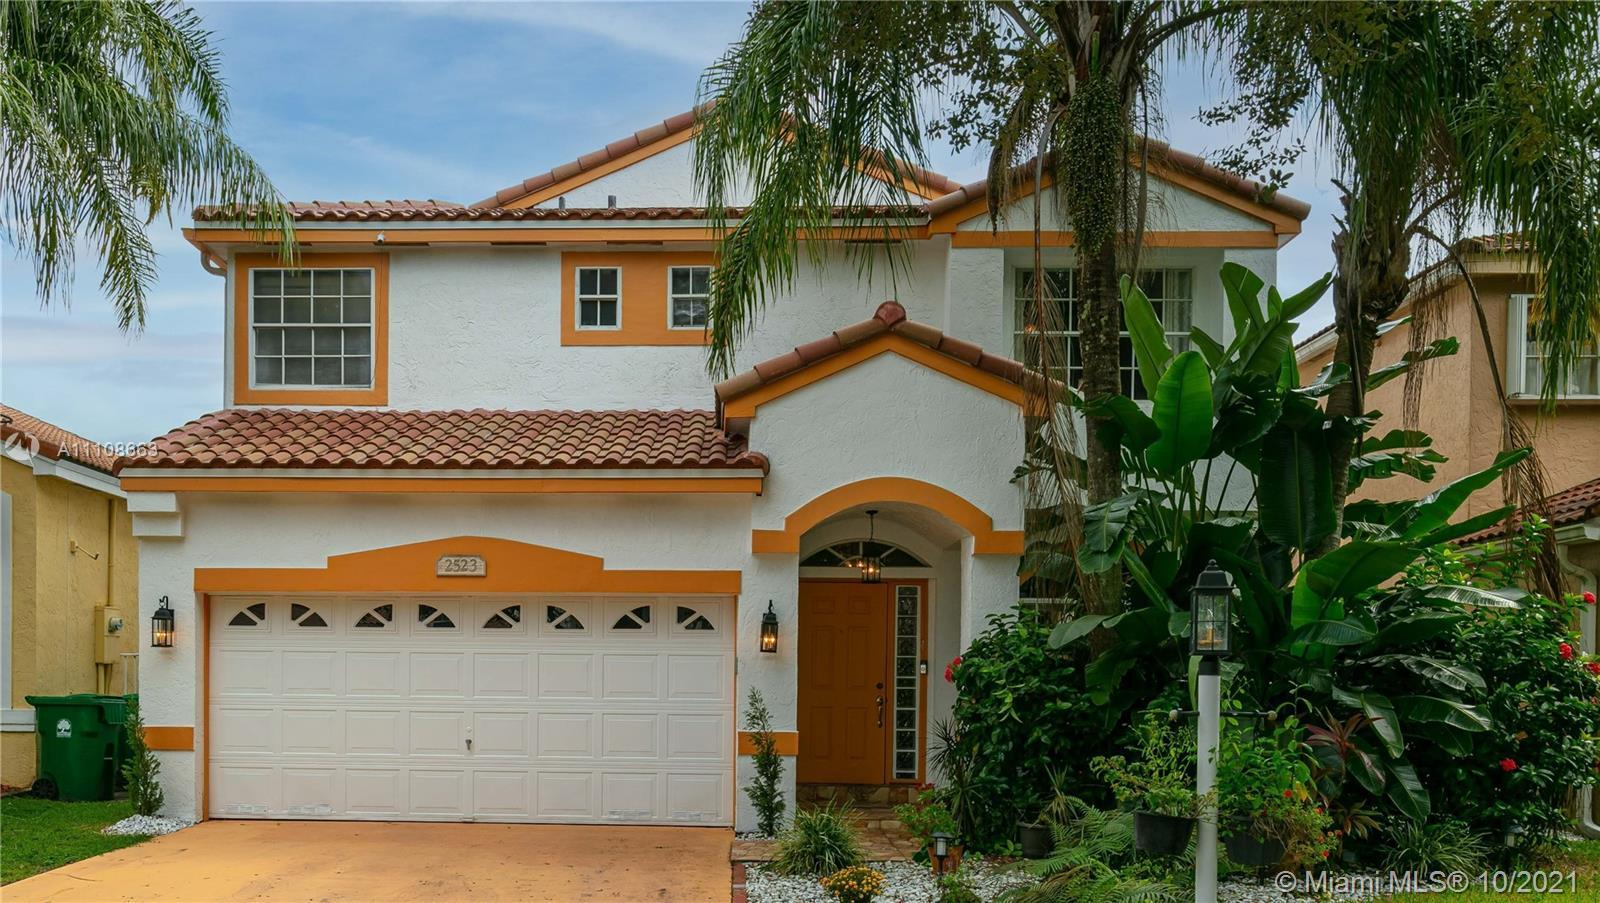 2523  Ambassador Ave  For Sale A11108663, FL